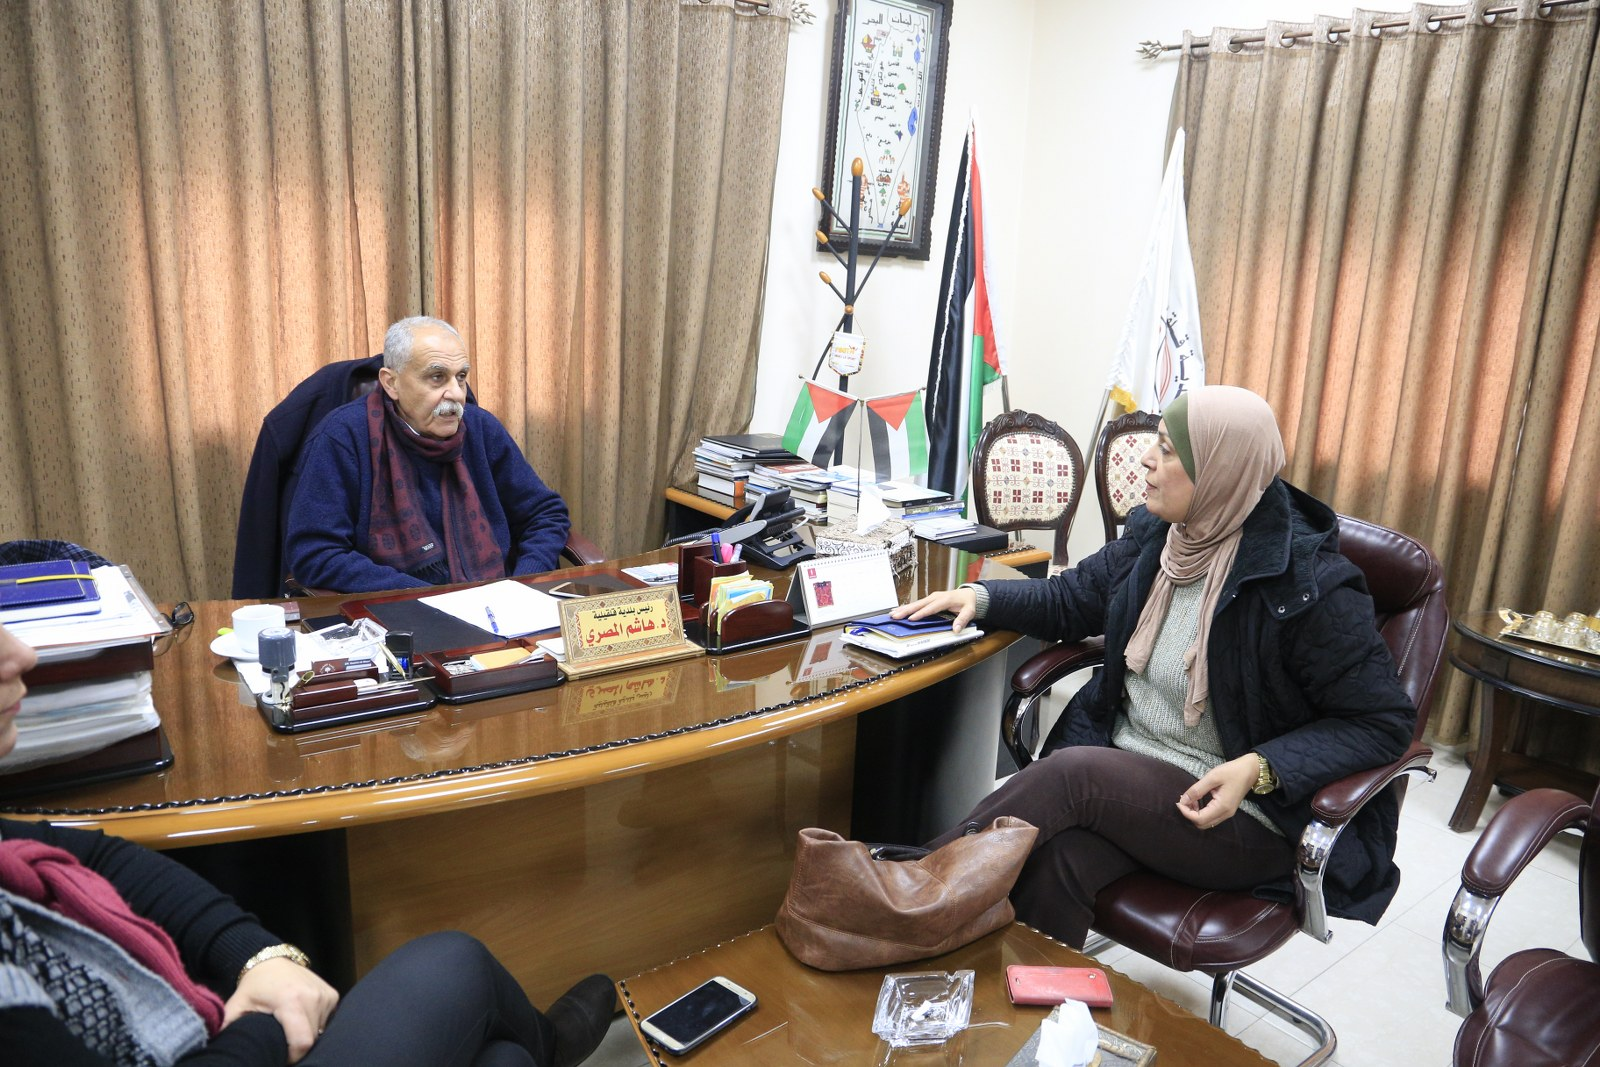 نائب رئيس البلدية يلتقي الباحثة الميدانية في الهيئة المستقلة